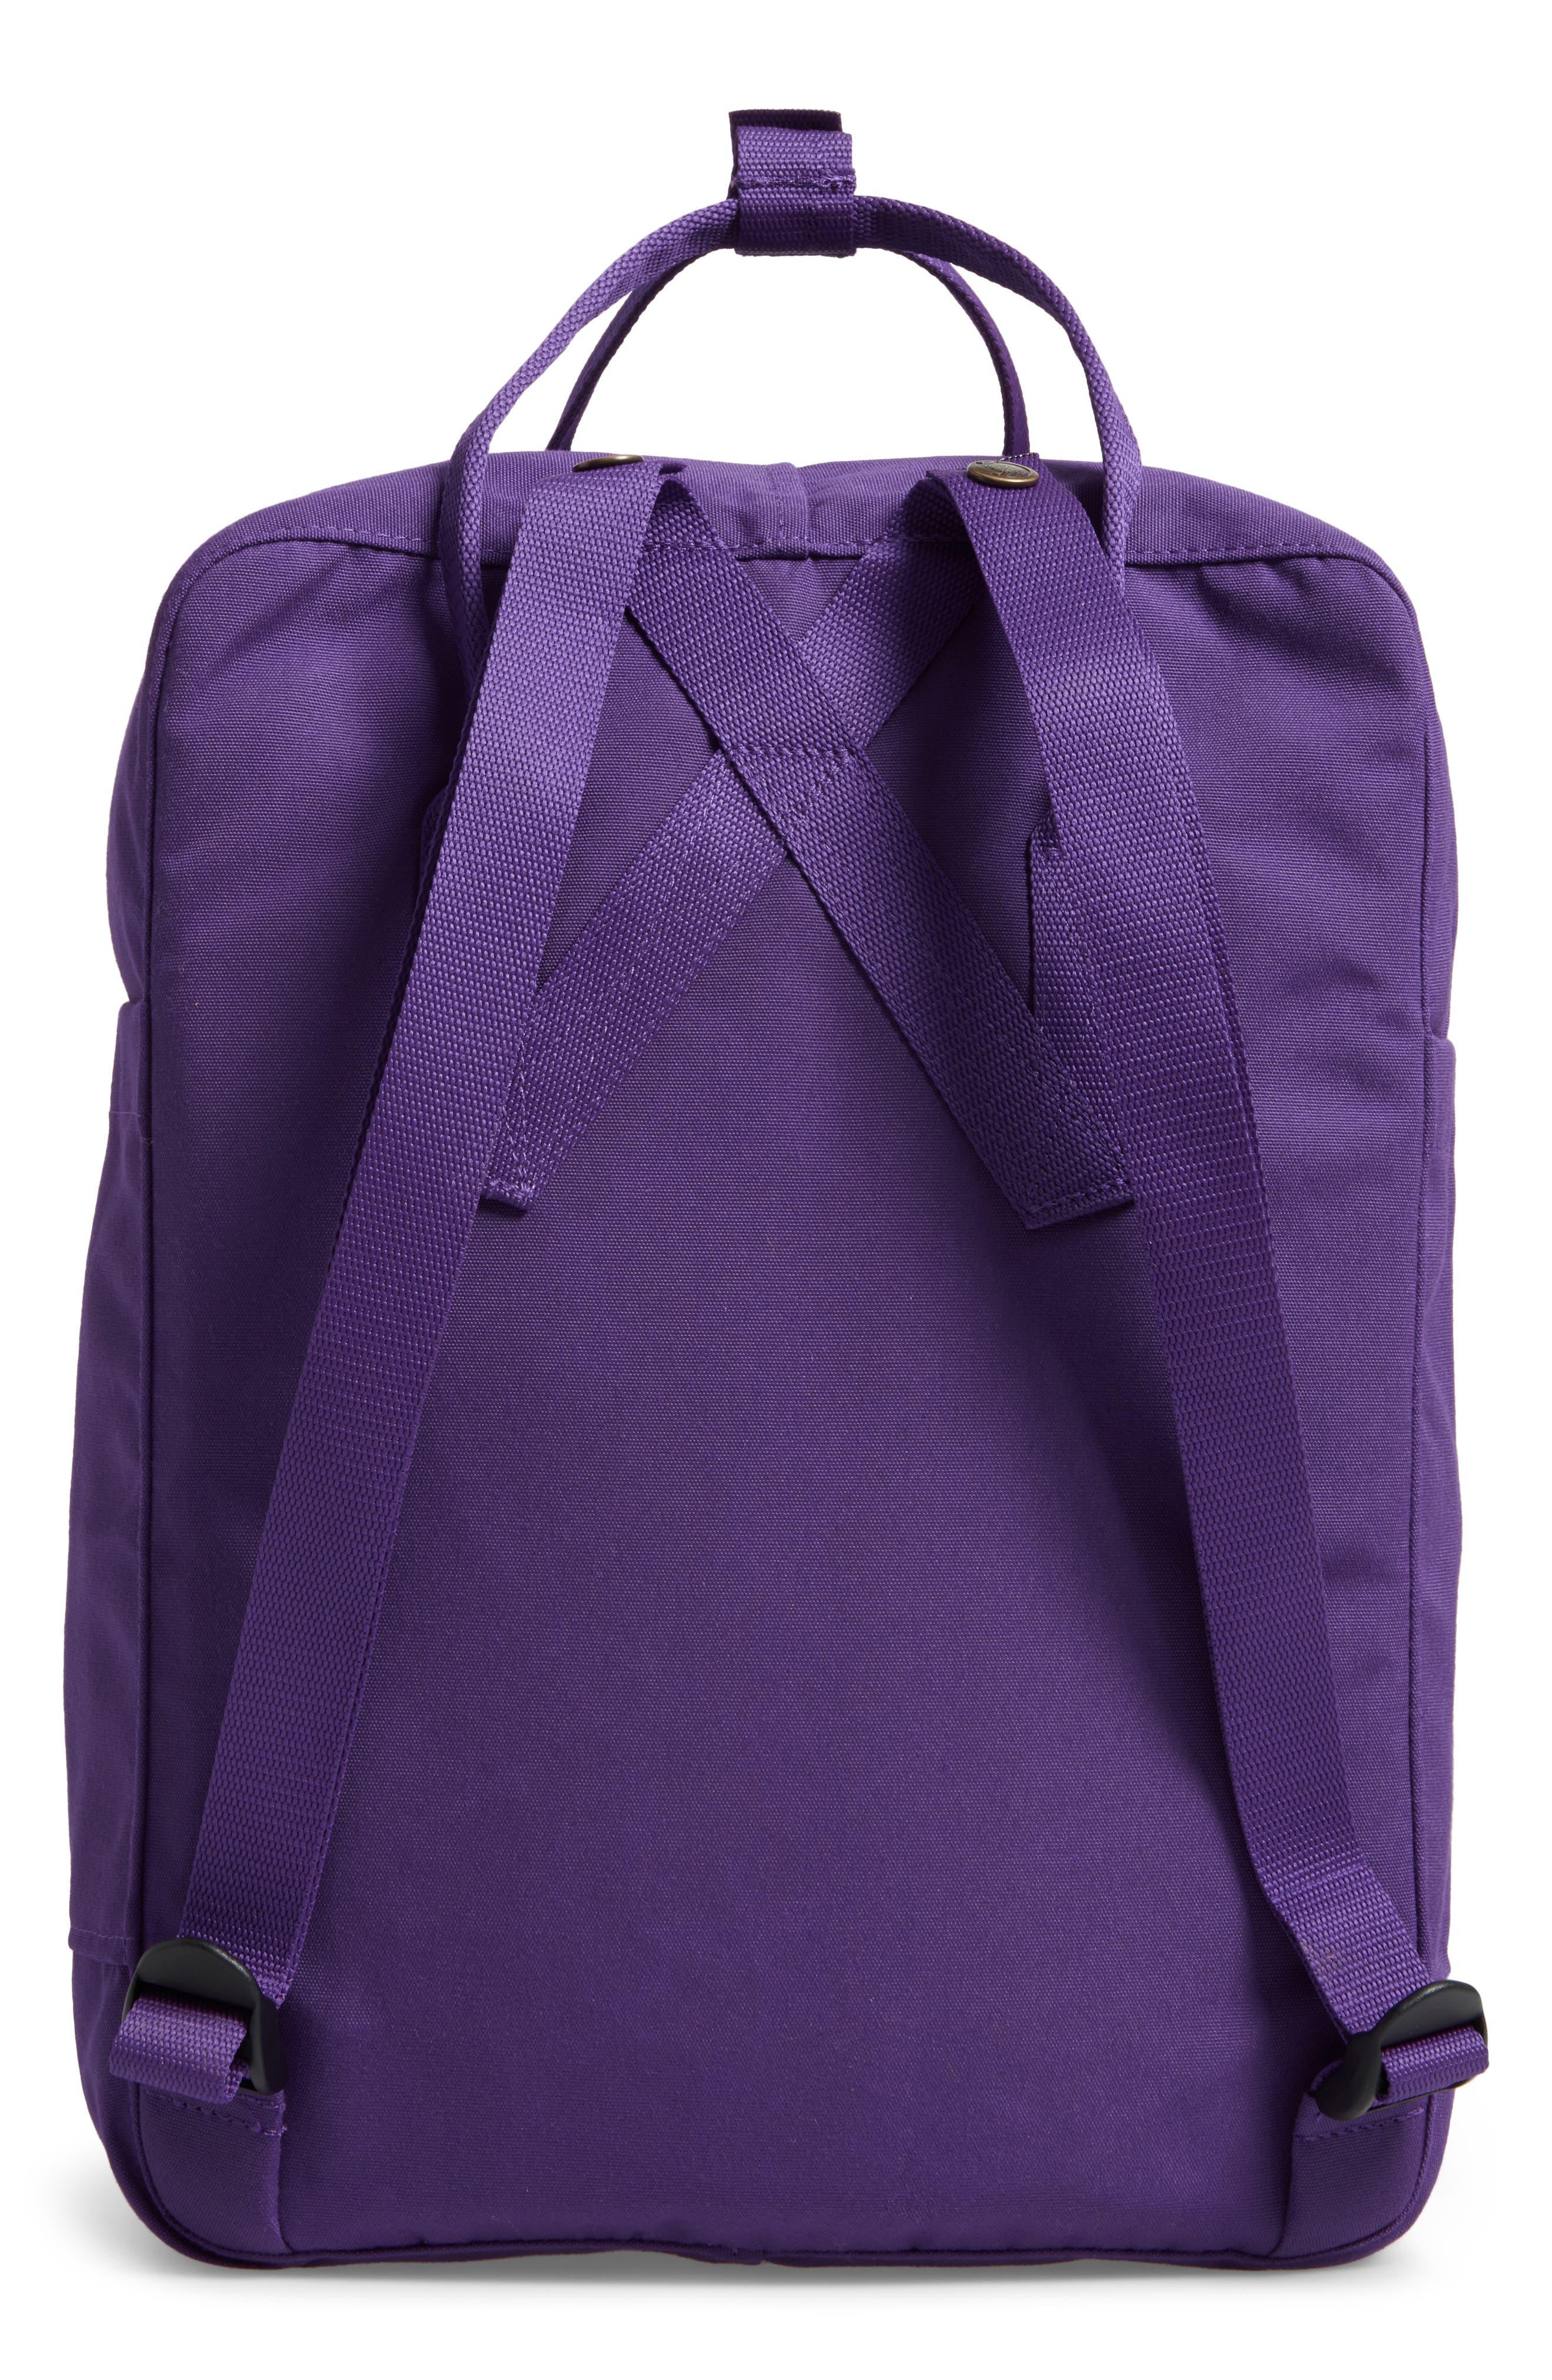 Re-Kånken Water Resistant Backpack,                             Alternate thumbnail 3, color,                             DEEP VIOLET